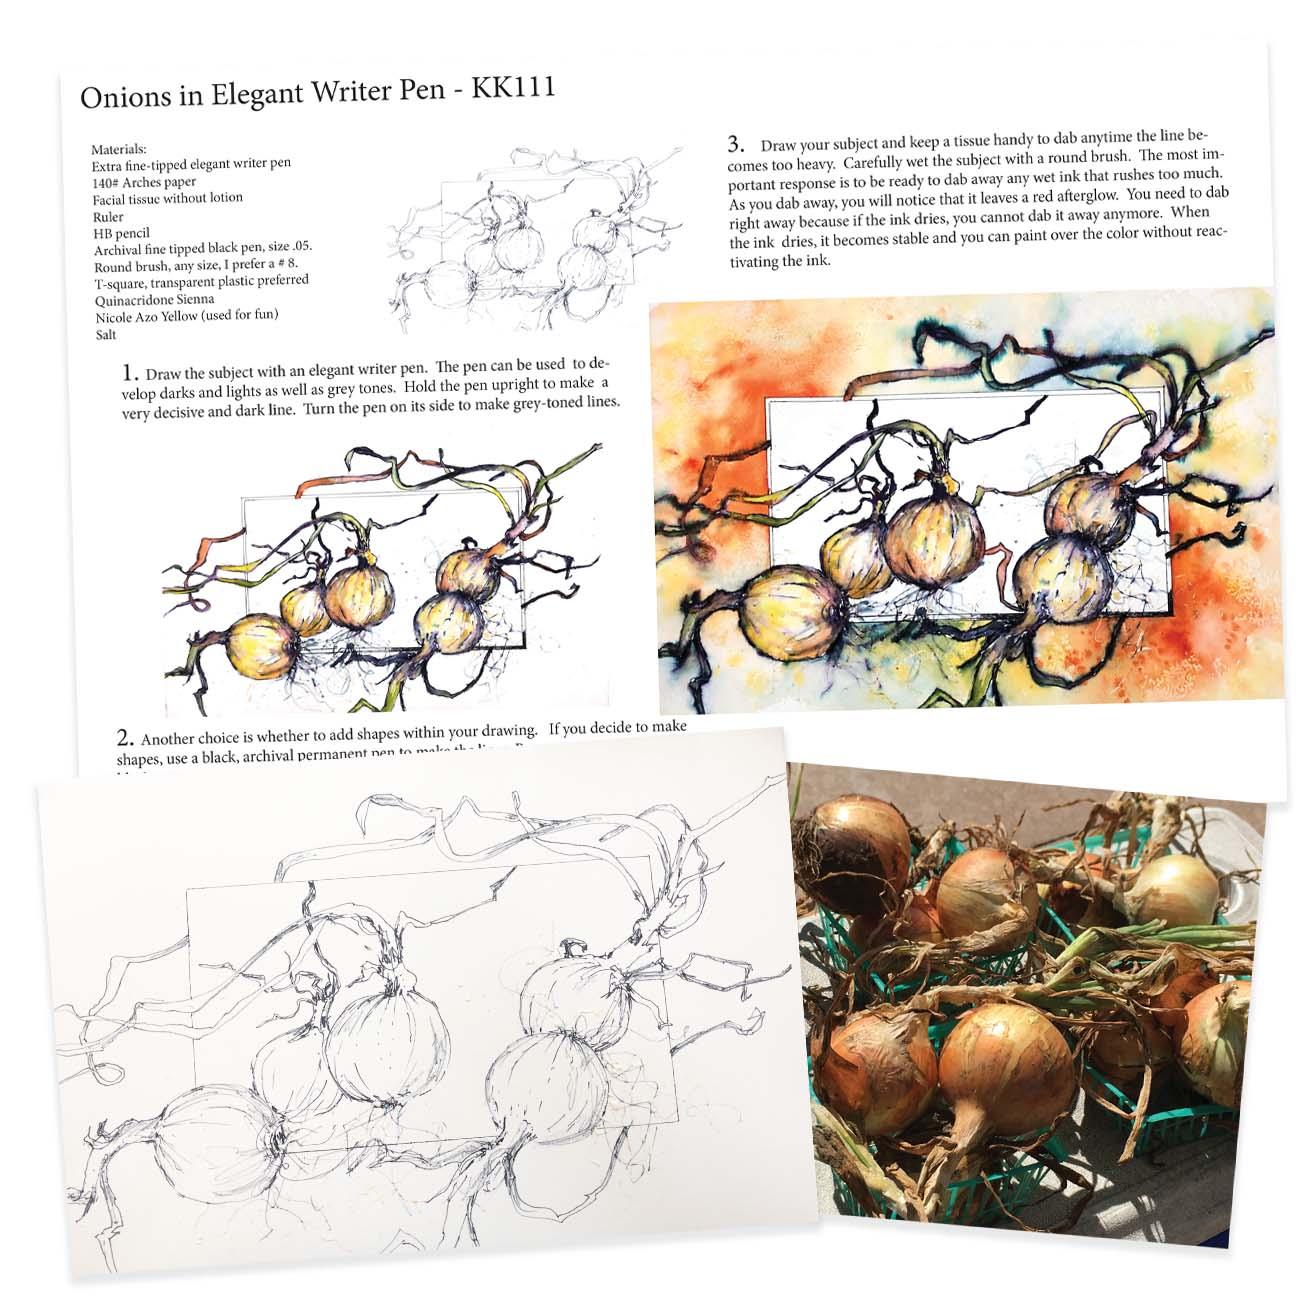 KK111 Onions in Elegant Writer Pen